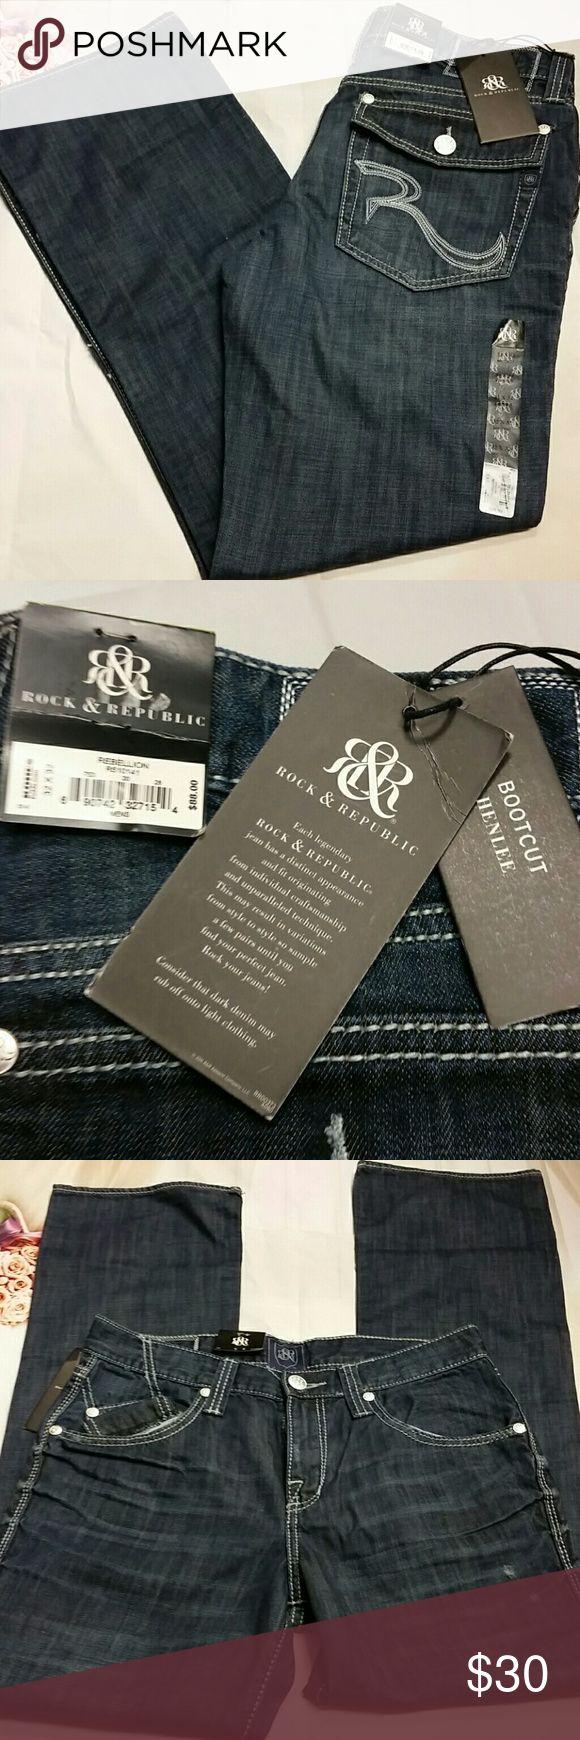 diesel zathan mens jeans images diesel jeans herren sale. Black Bedroom Furniture Sets. Home Design Ideas